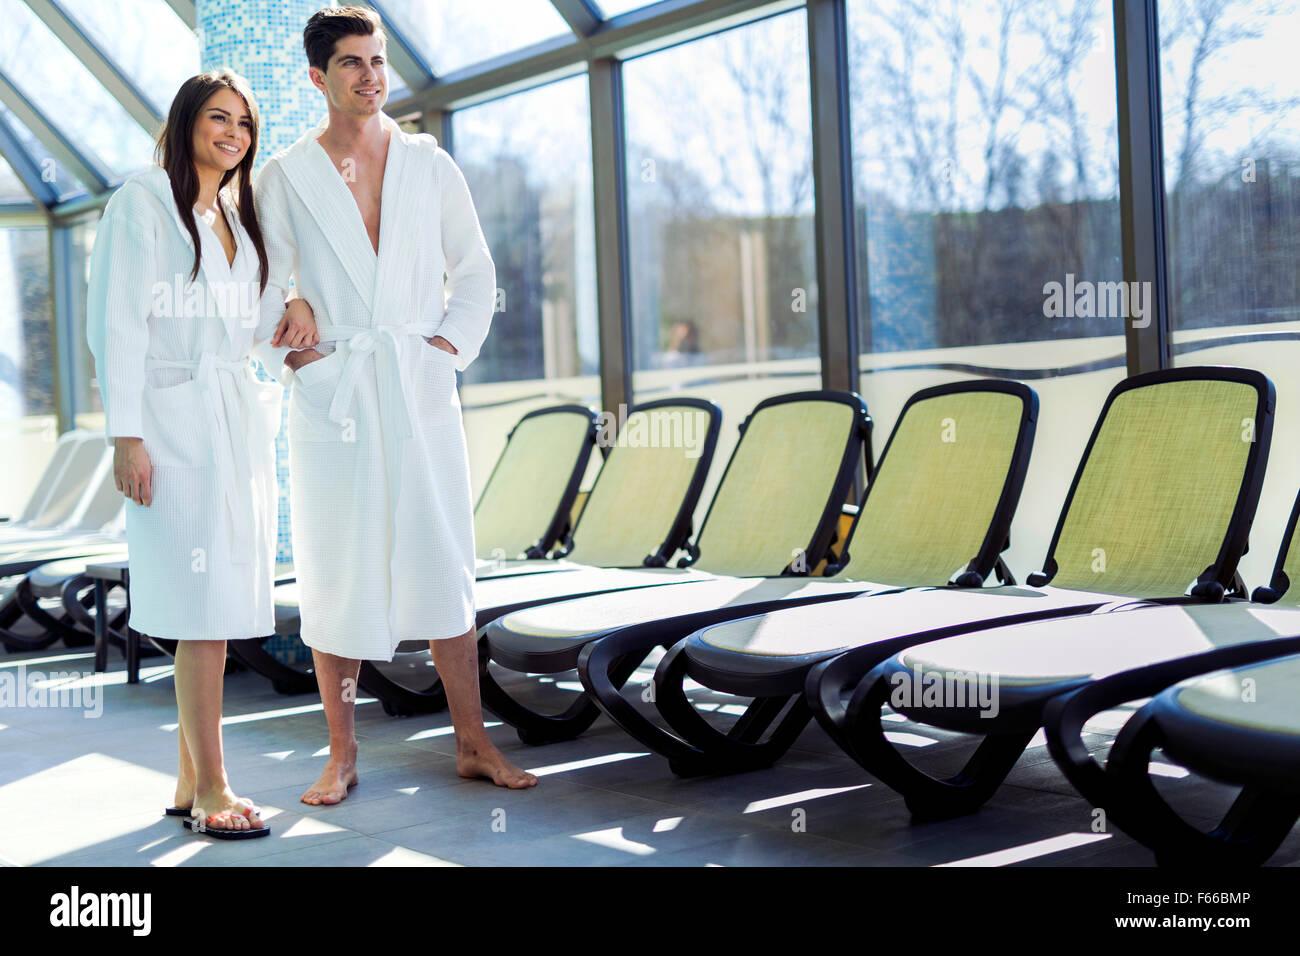 Paar in der Liebe stehen neben einem Pool in ein Gewand und entspannen Stockbild